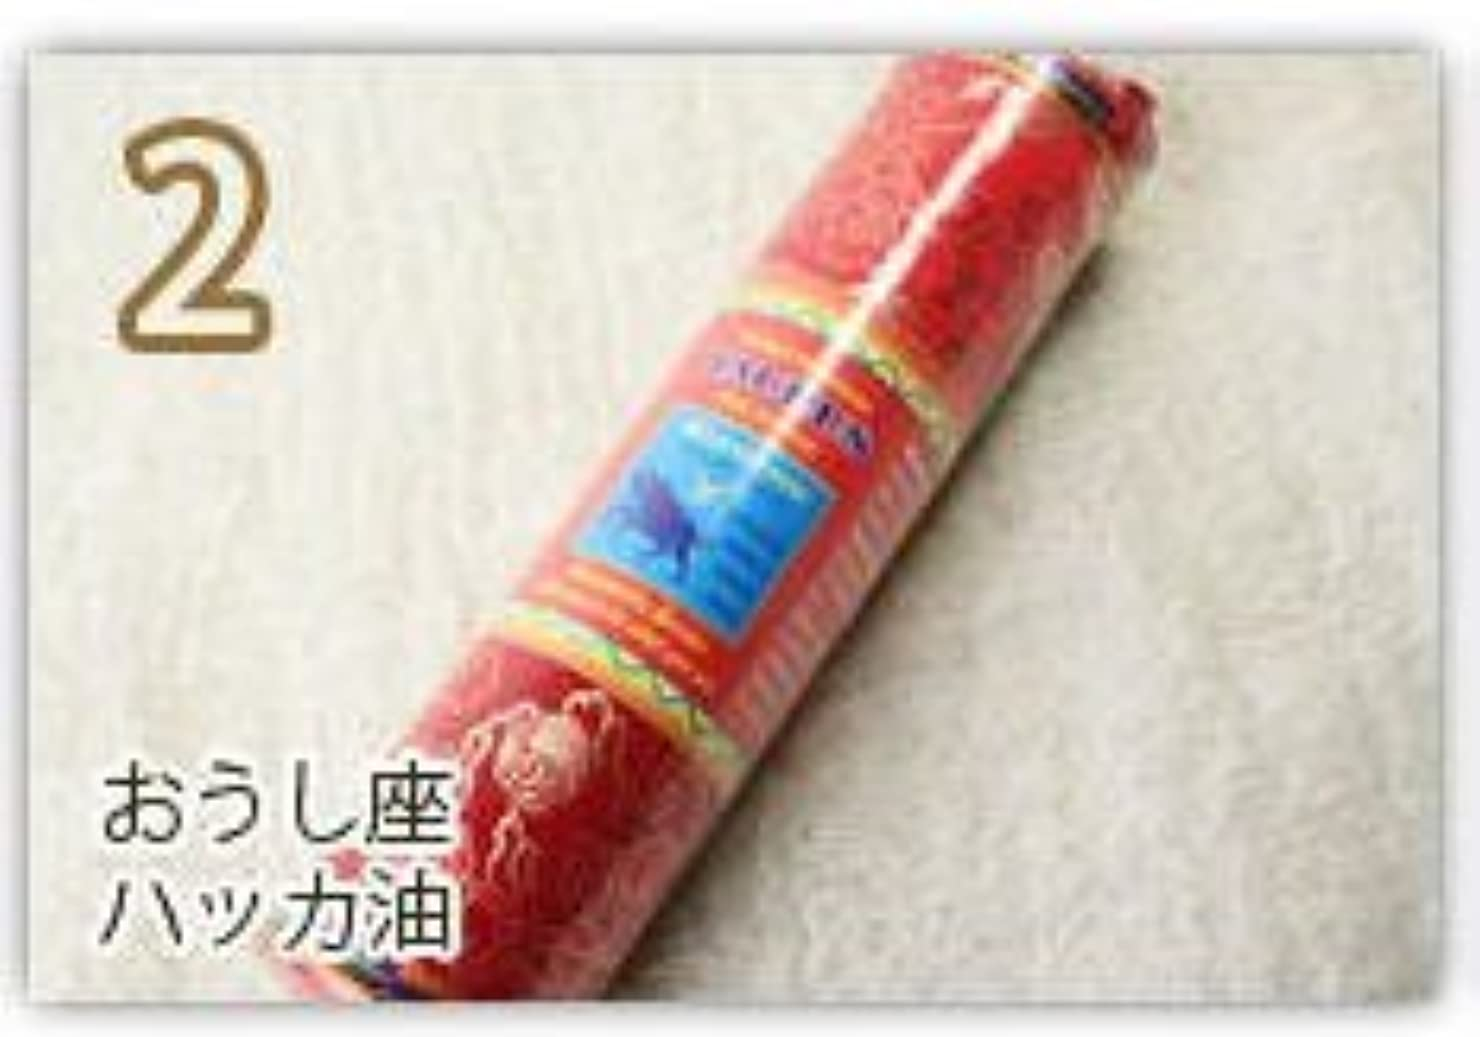 カルシウム単独でトピック12星座別に香りを配合したネパール製お香 ホロスコープインセンス (2.Taurus (おうし座))